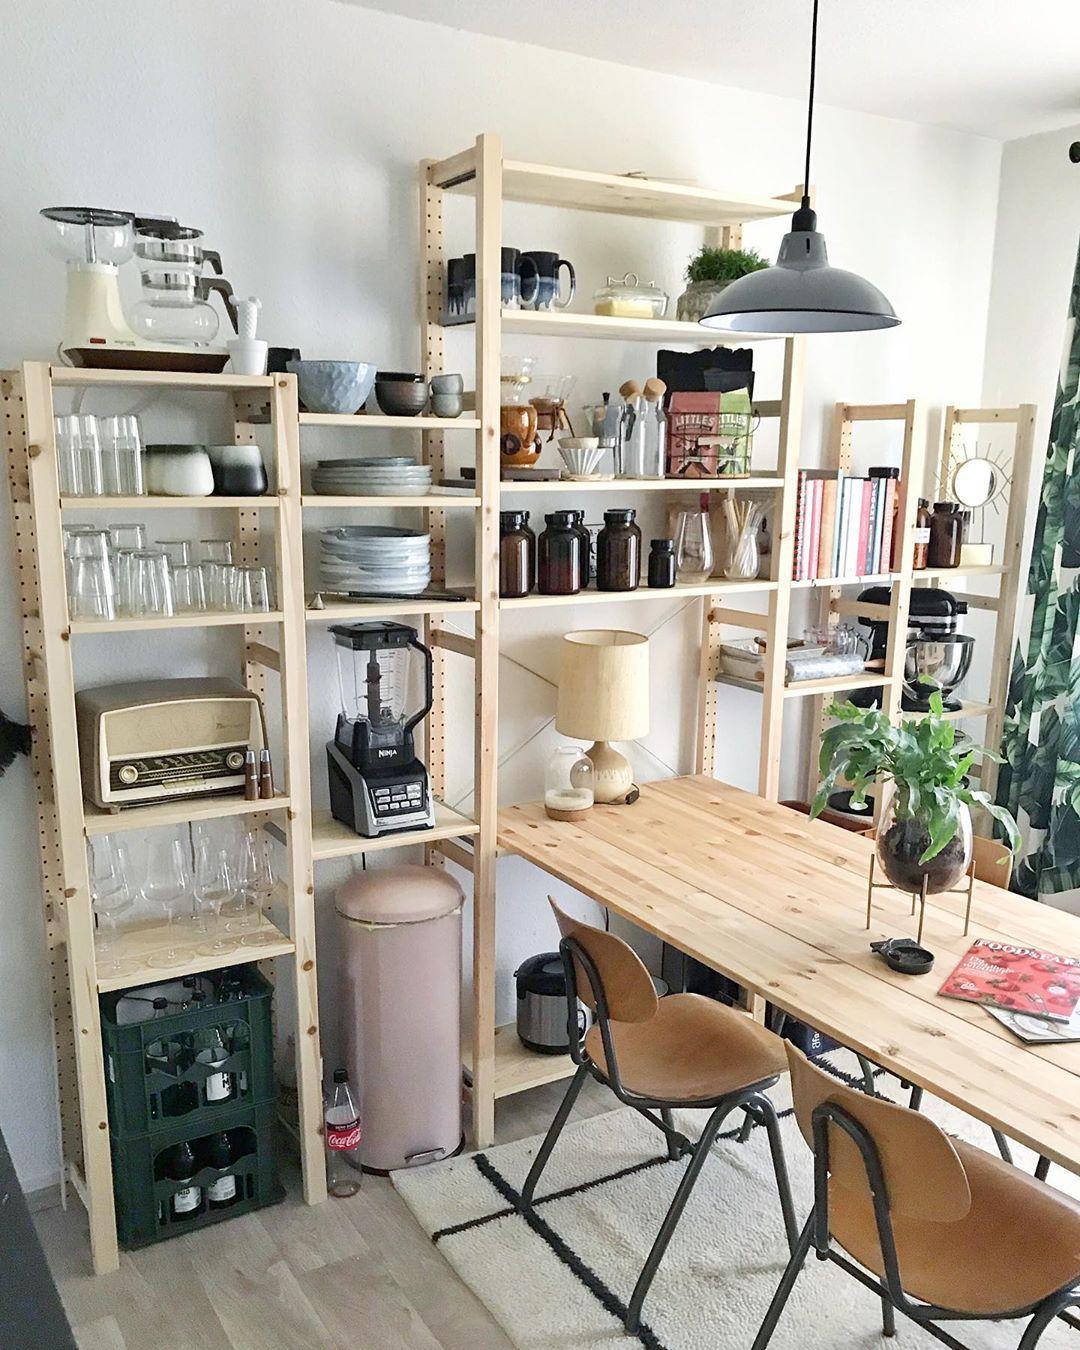 Desain Interior Dapur Minimalis Unik dengan Rak Meja Kayu Jadi Satu